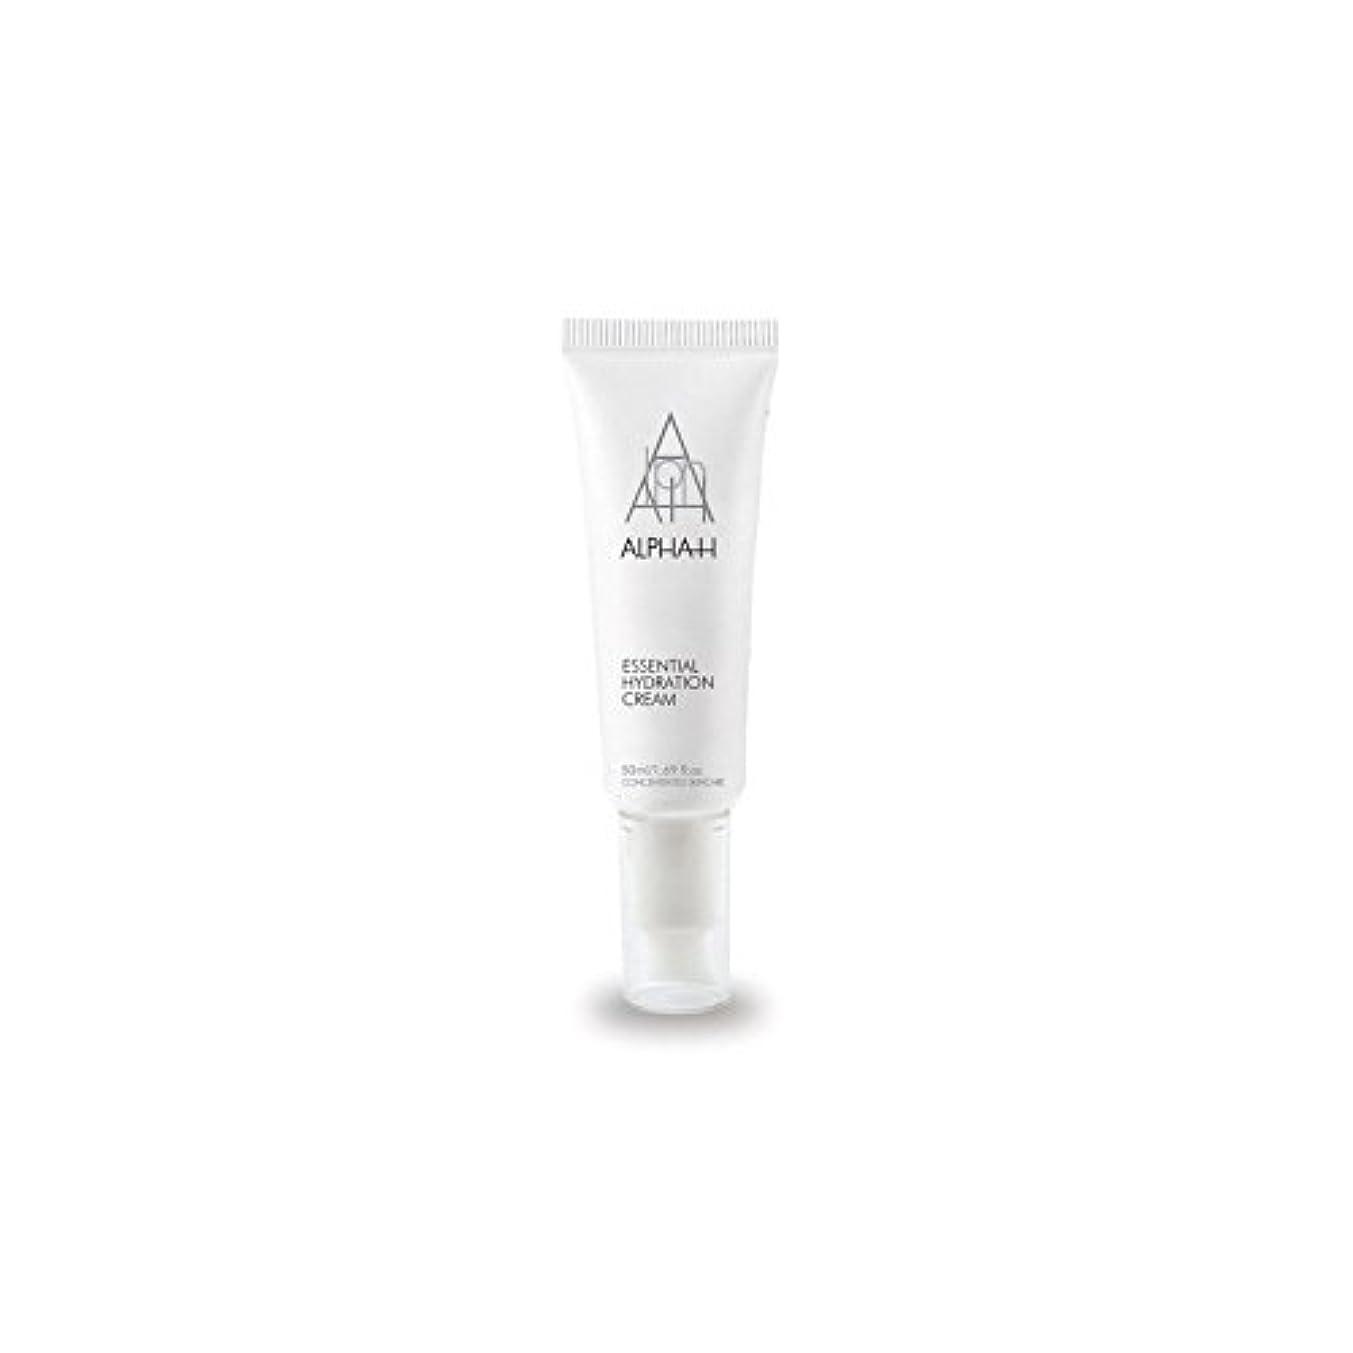 パキスタン人距離罹患率アルファ必須水和クリーム(50)中 x4 - Alpha-H Essential Hydration Cream (50ml) (Pack of 4) [並行輸入品]